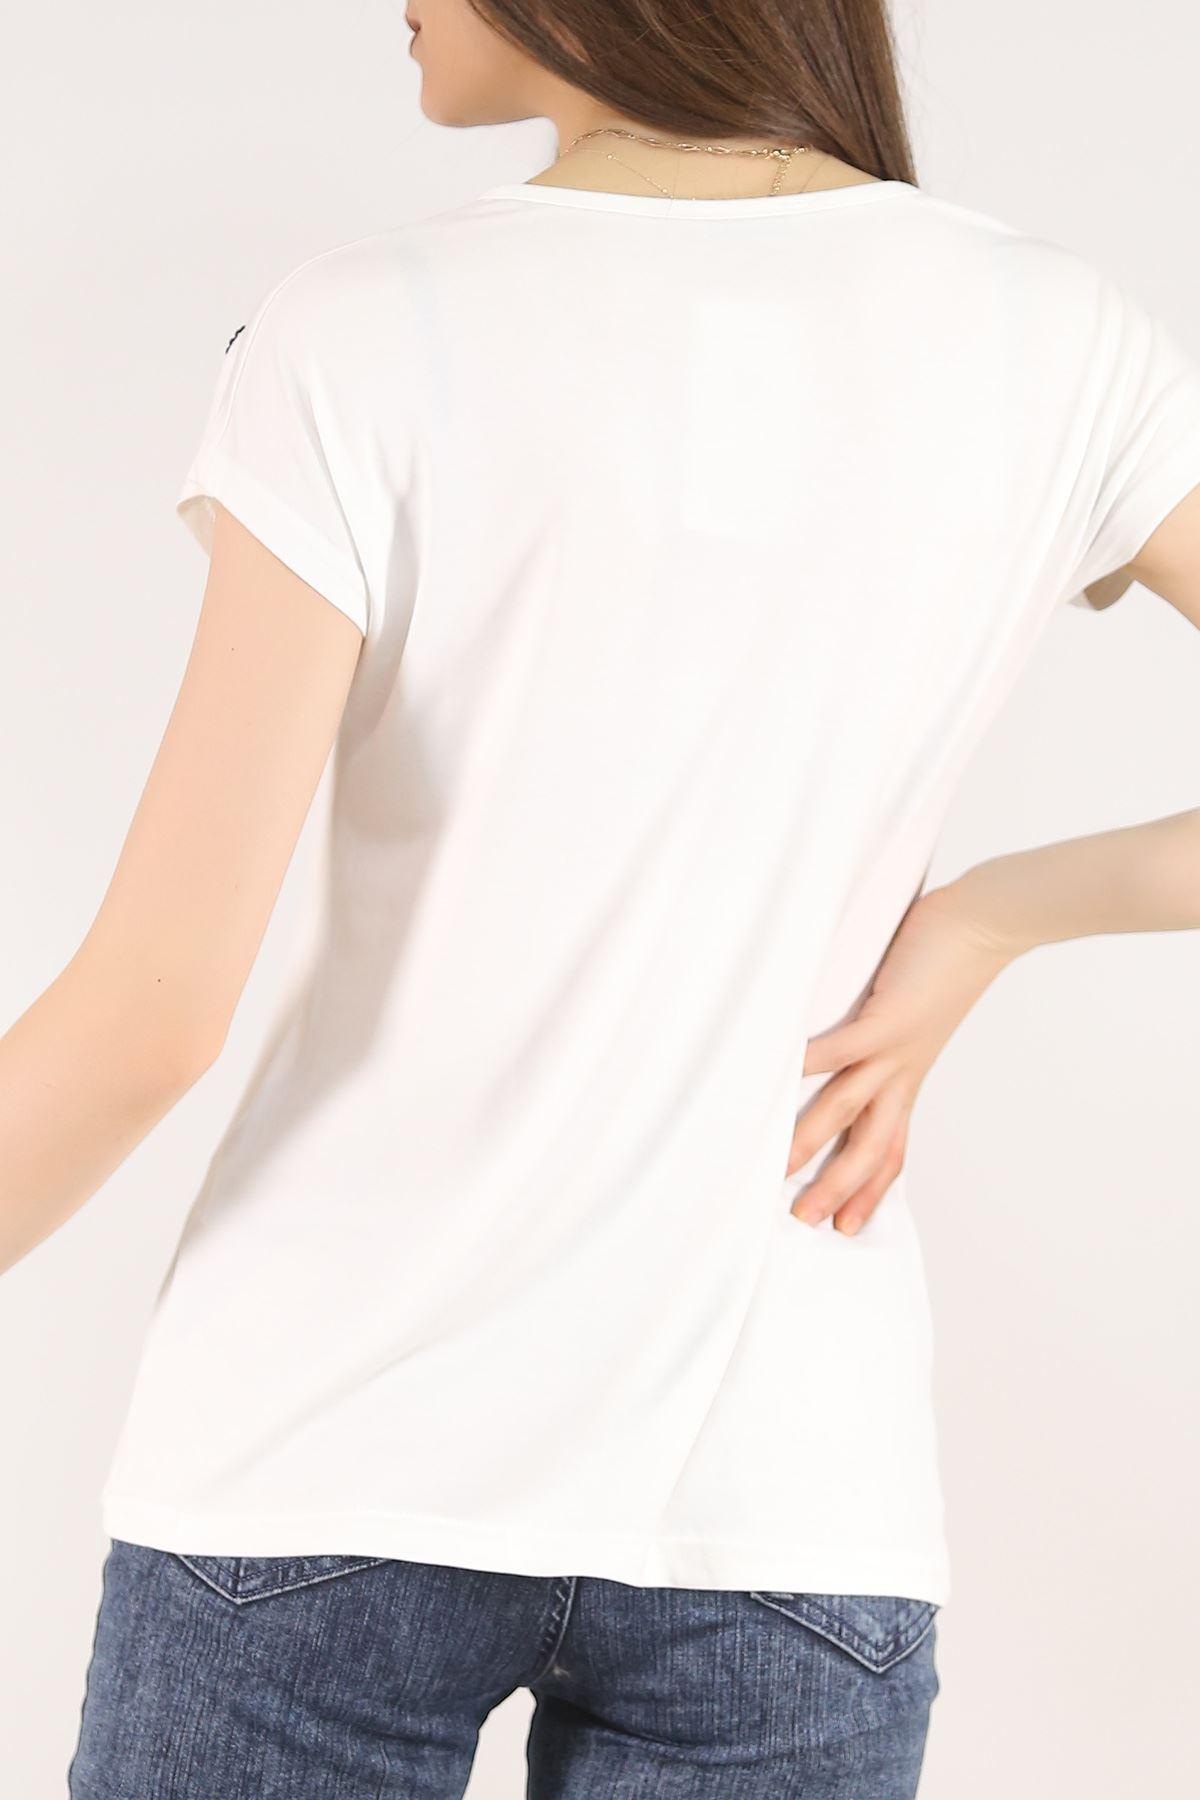 Pul Detaylı Tişört Beyaz - 5541.599.